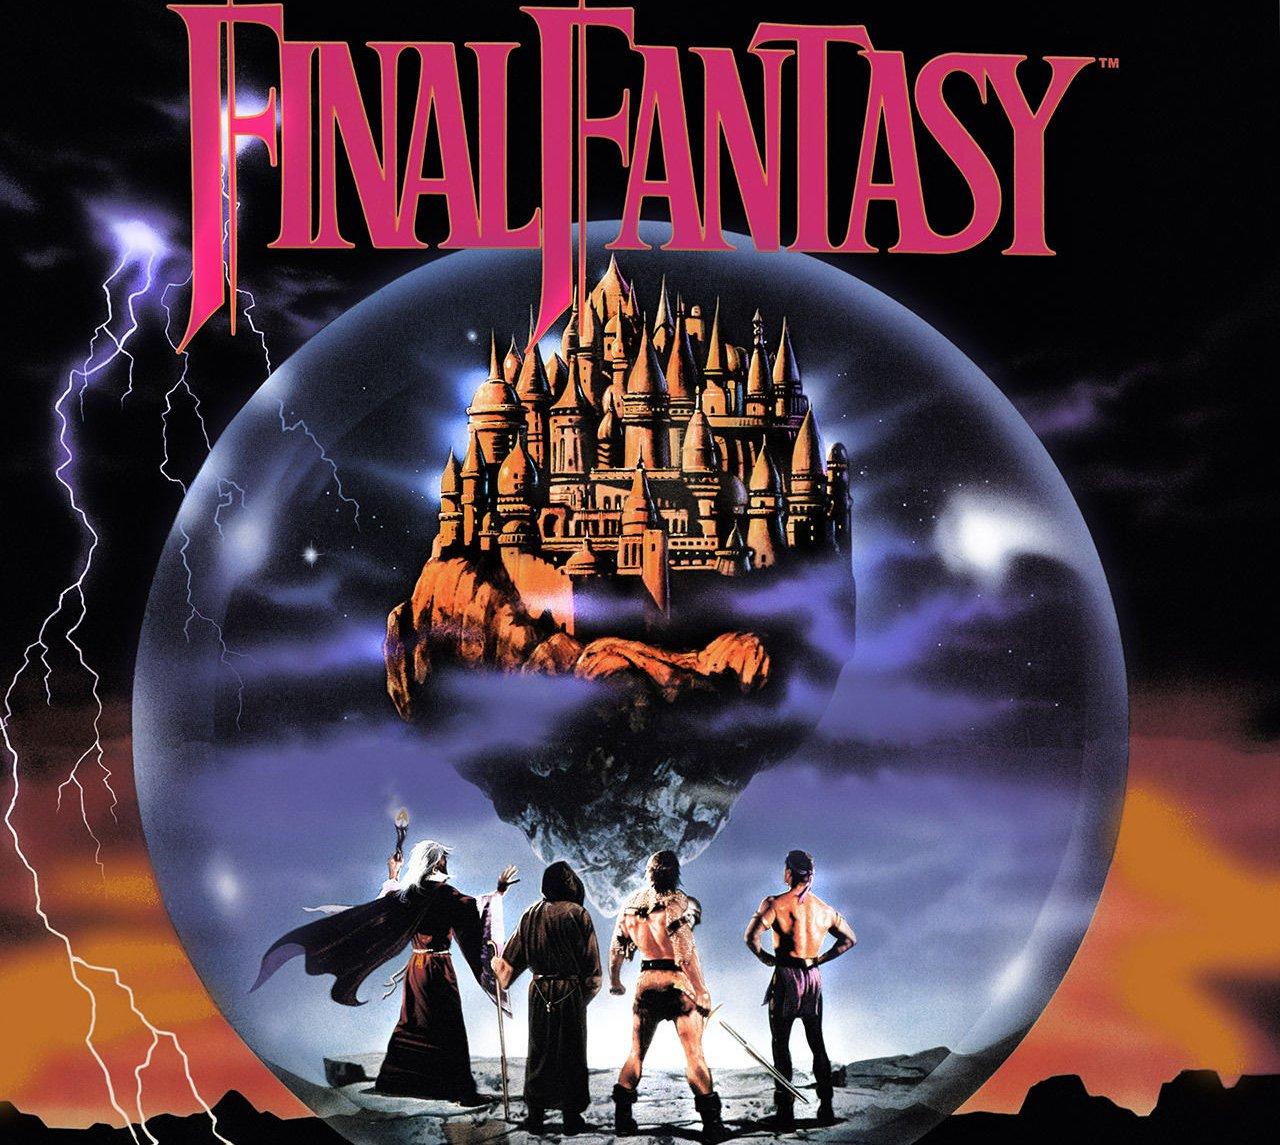 История в движущихся картинках  (Final Fantasy) ❦Часть 1❦ - Изображение 1